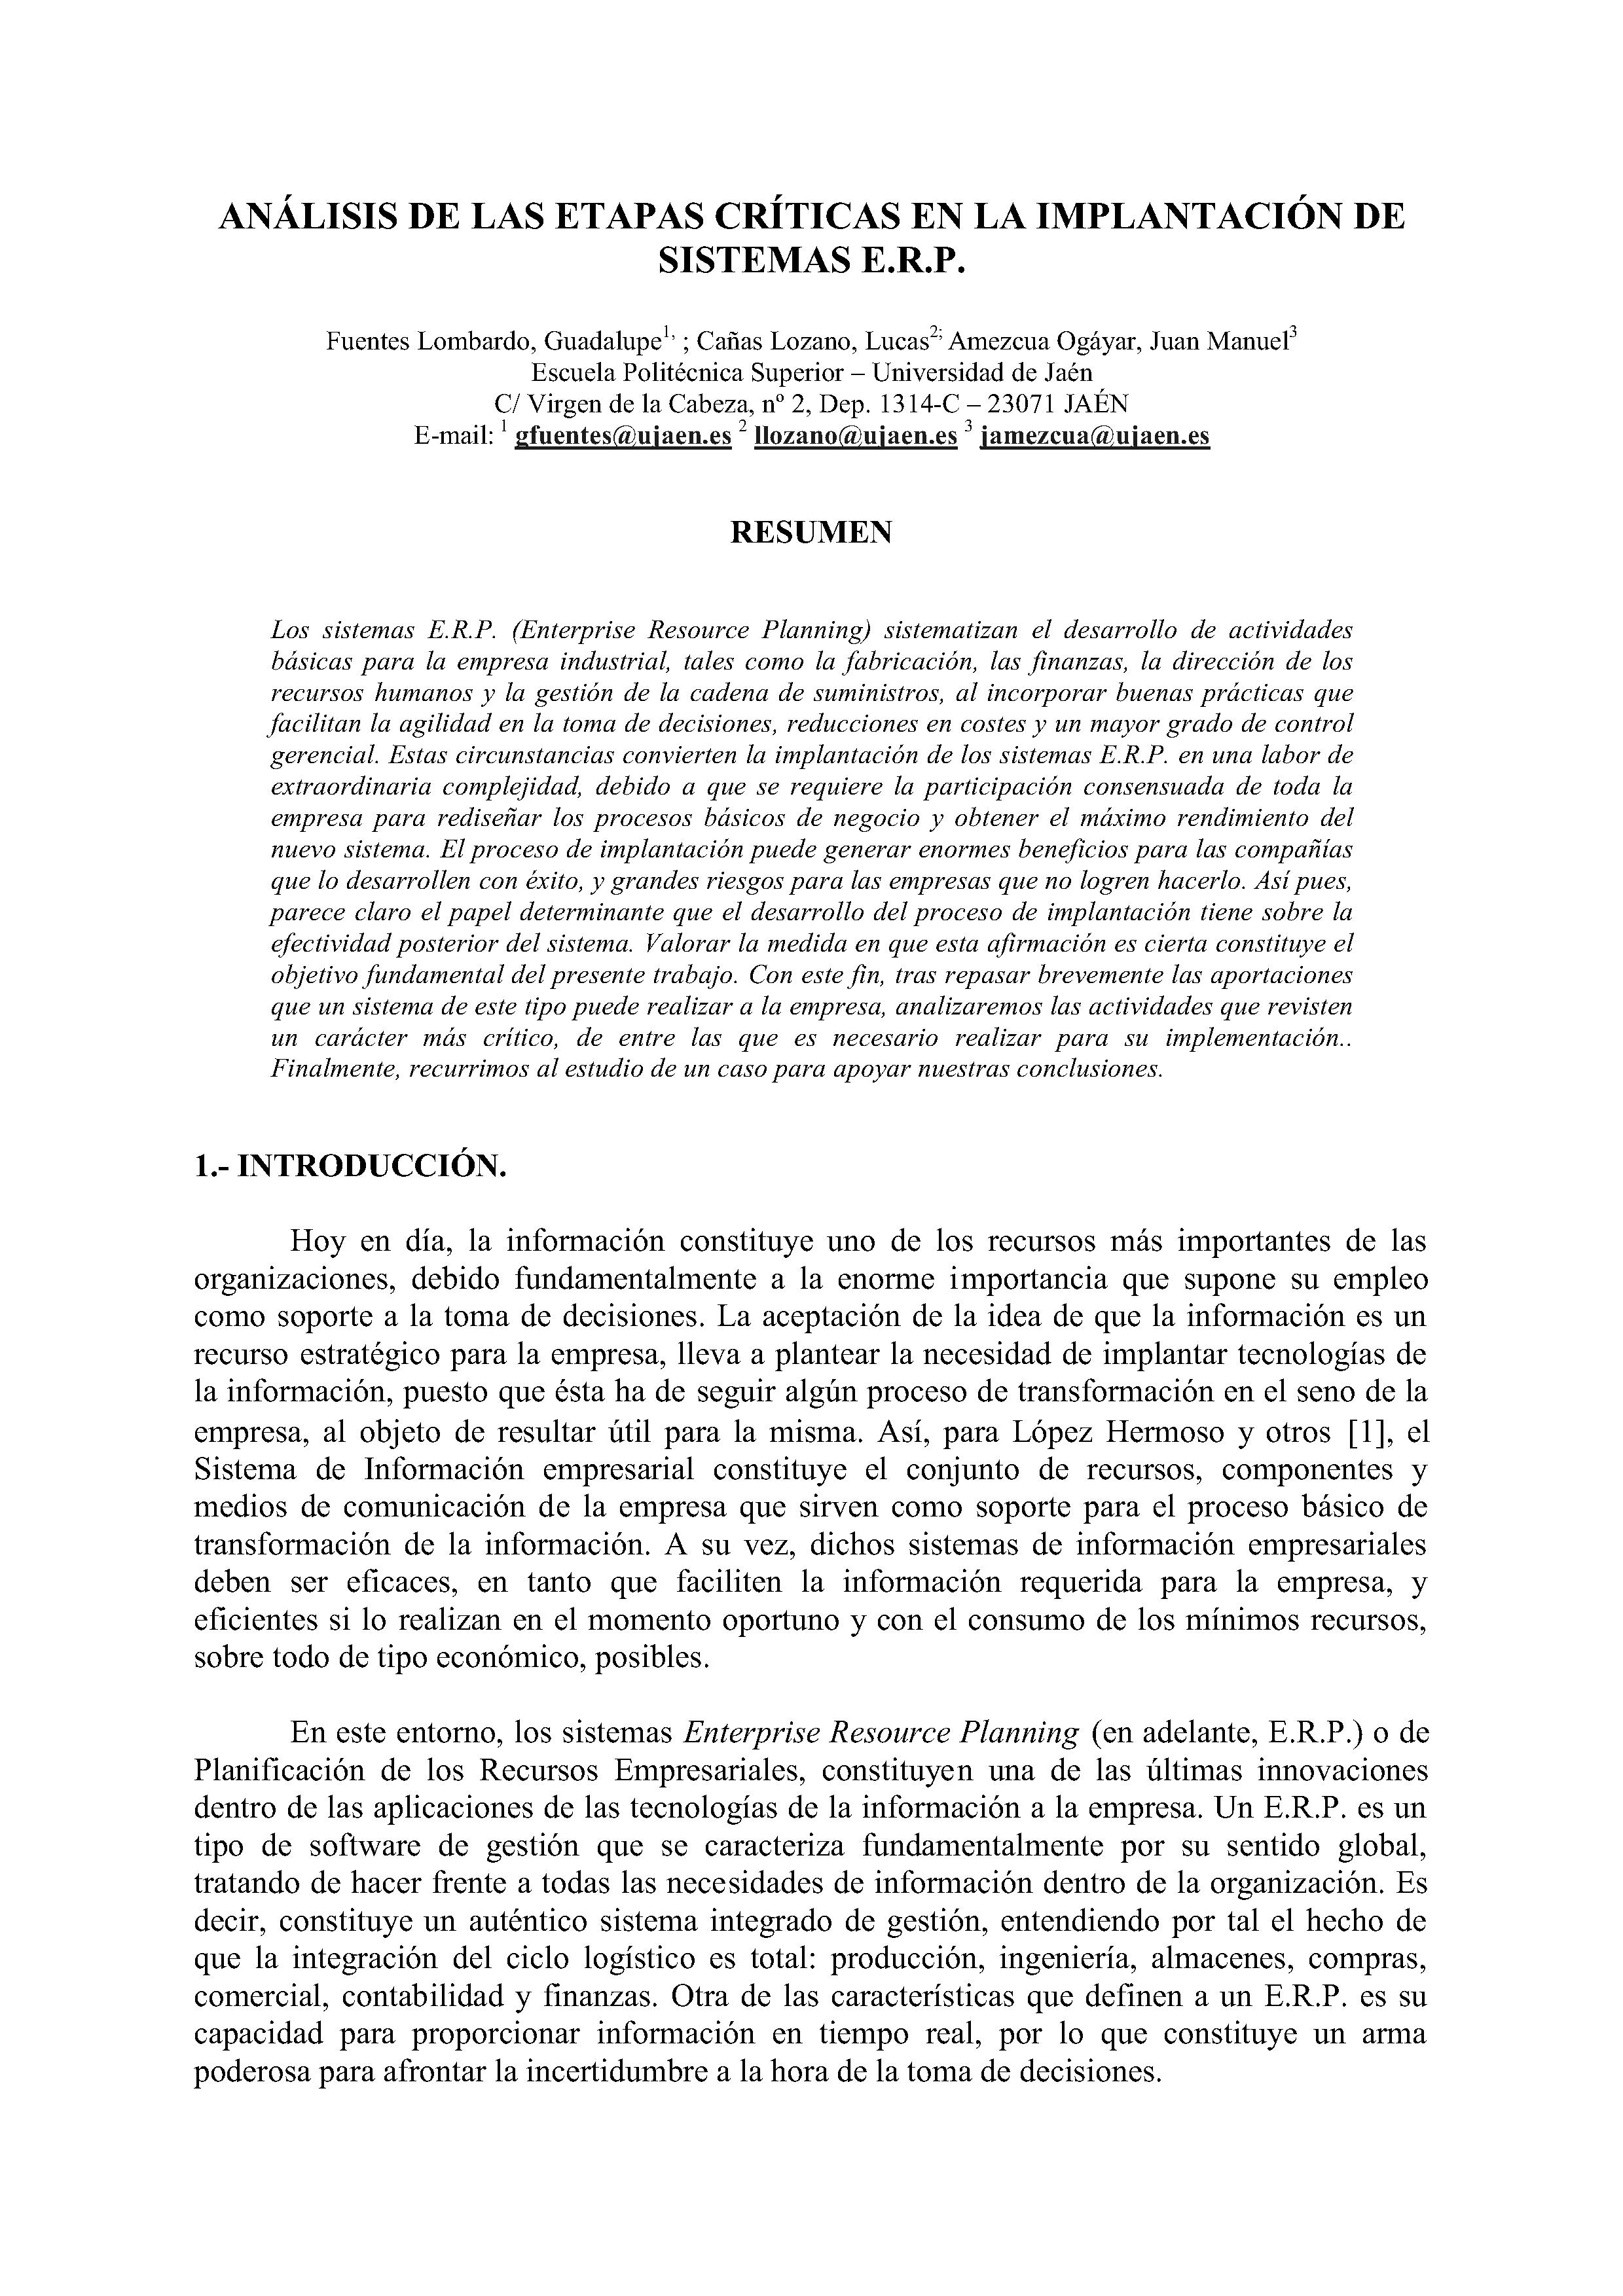 ANÁLISIS DE LAS ETAPAS CRÍTICAS EN LA IMPLANTACIÓN DE SISTEMAS E.R.P.